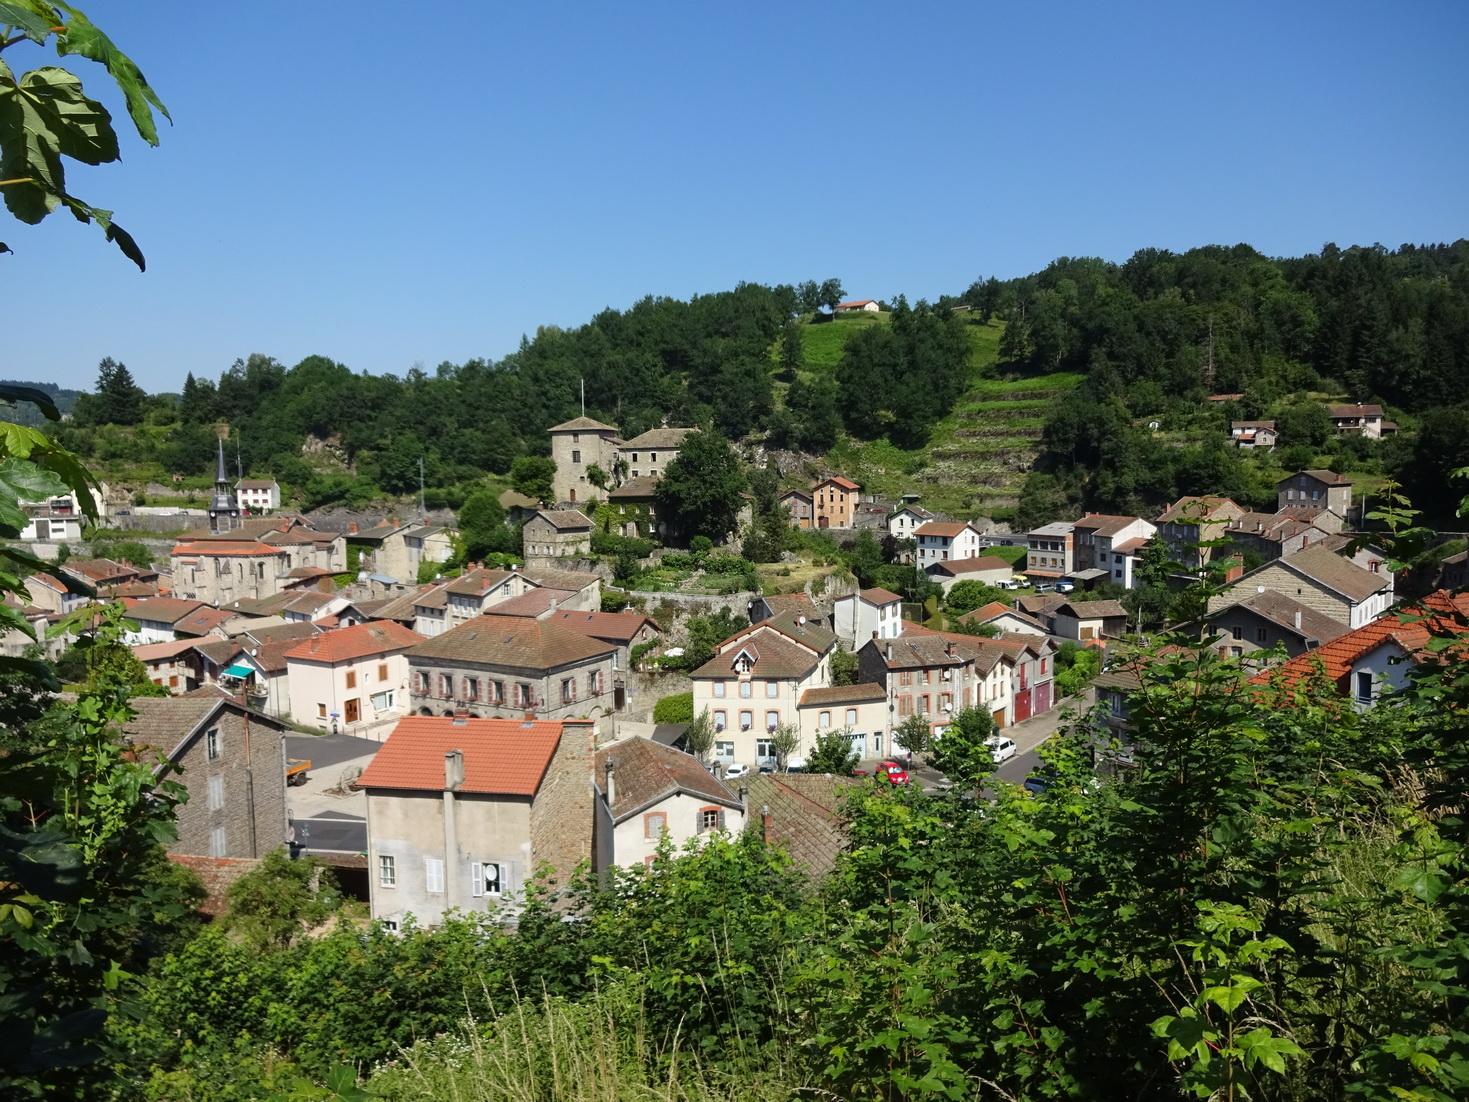 Un  village  charmant et typique  Olliergues